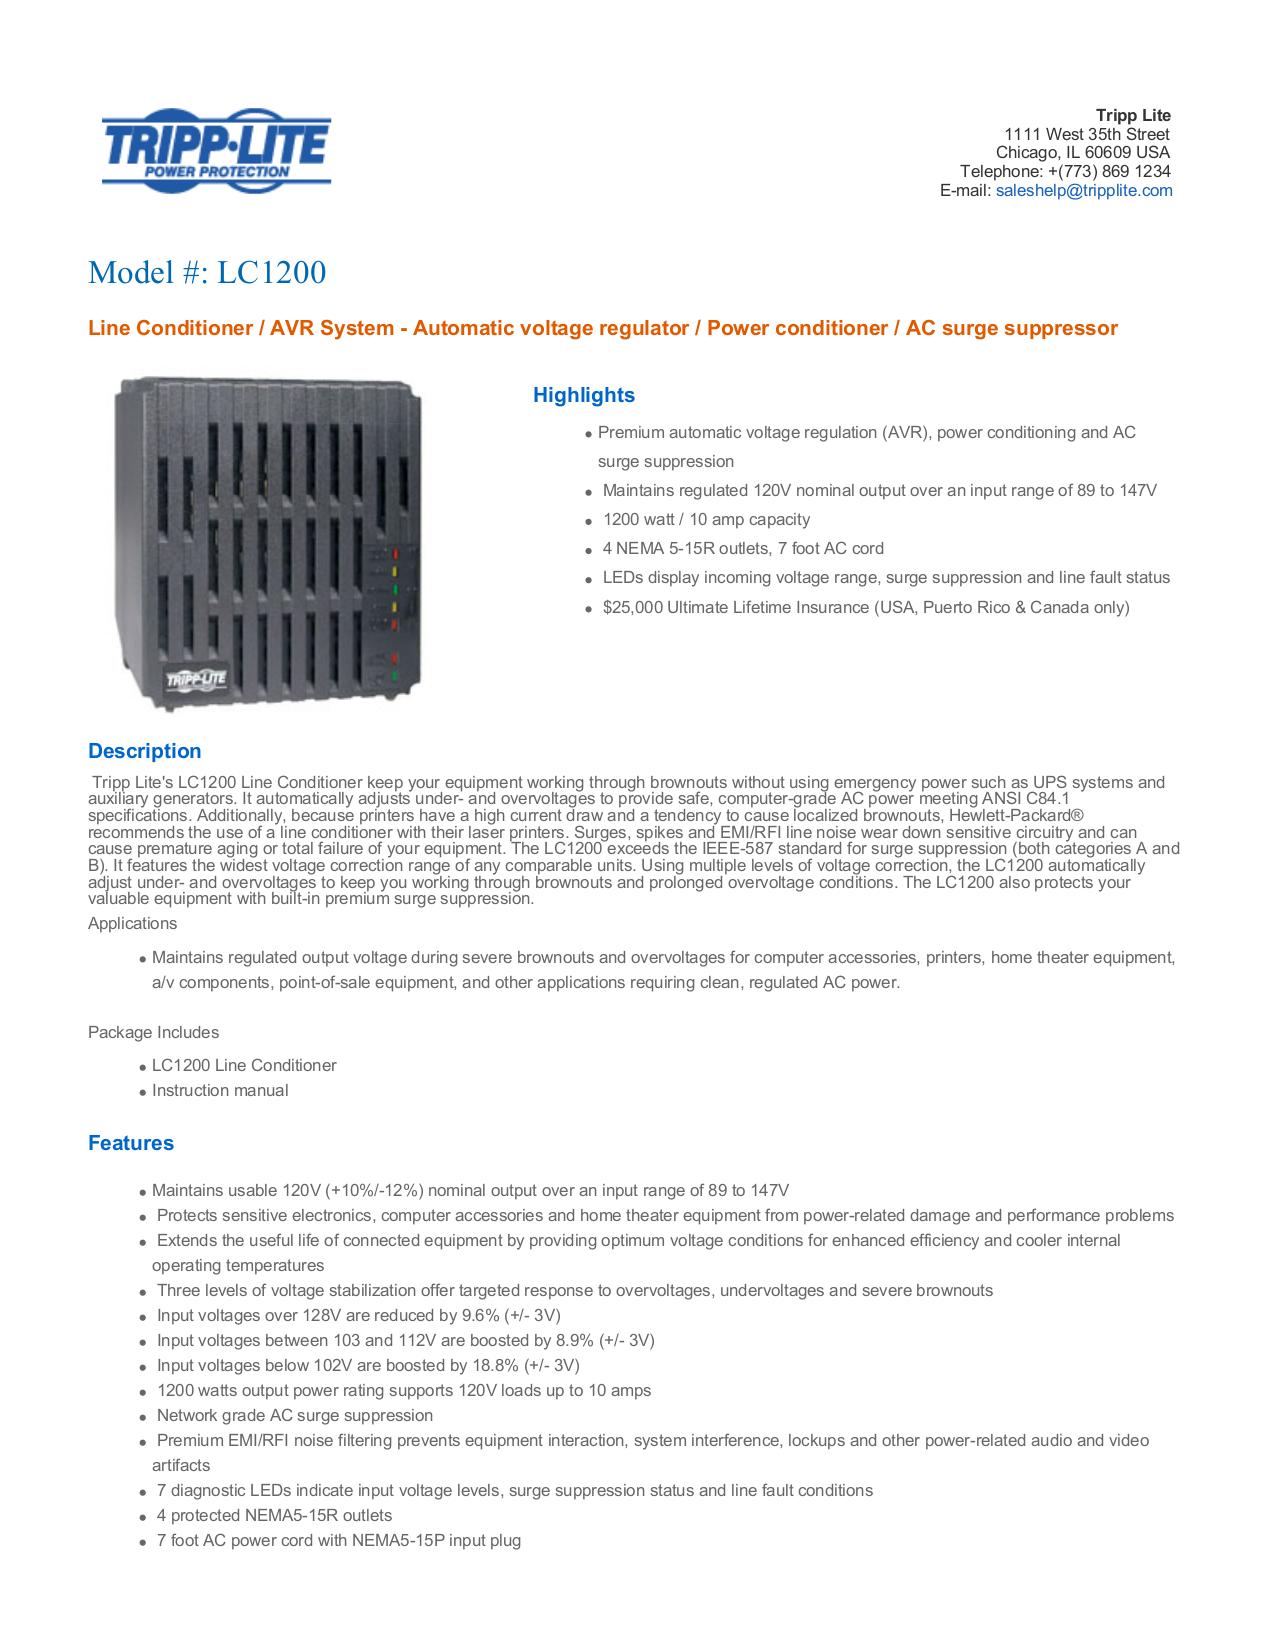 lg aircon Array - download free pdf for lg lc1200 air conditioner manual rh  umlib com